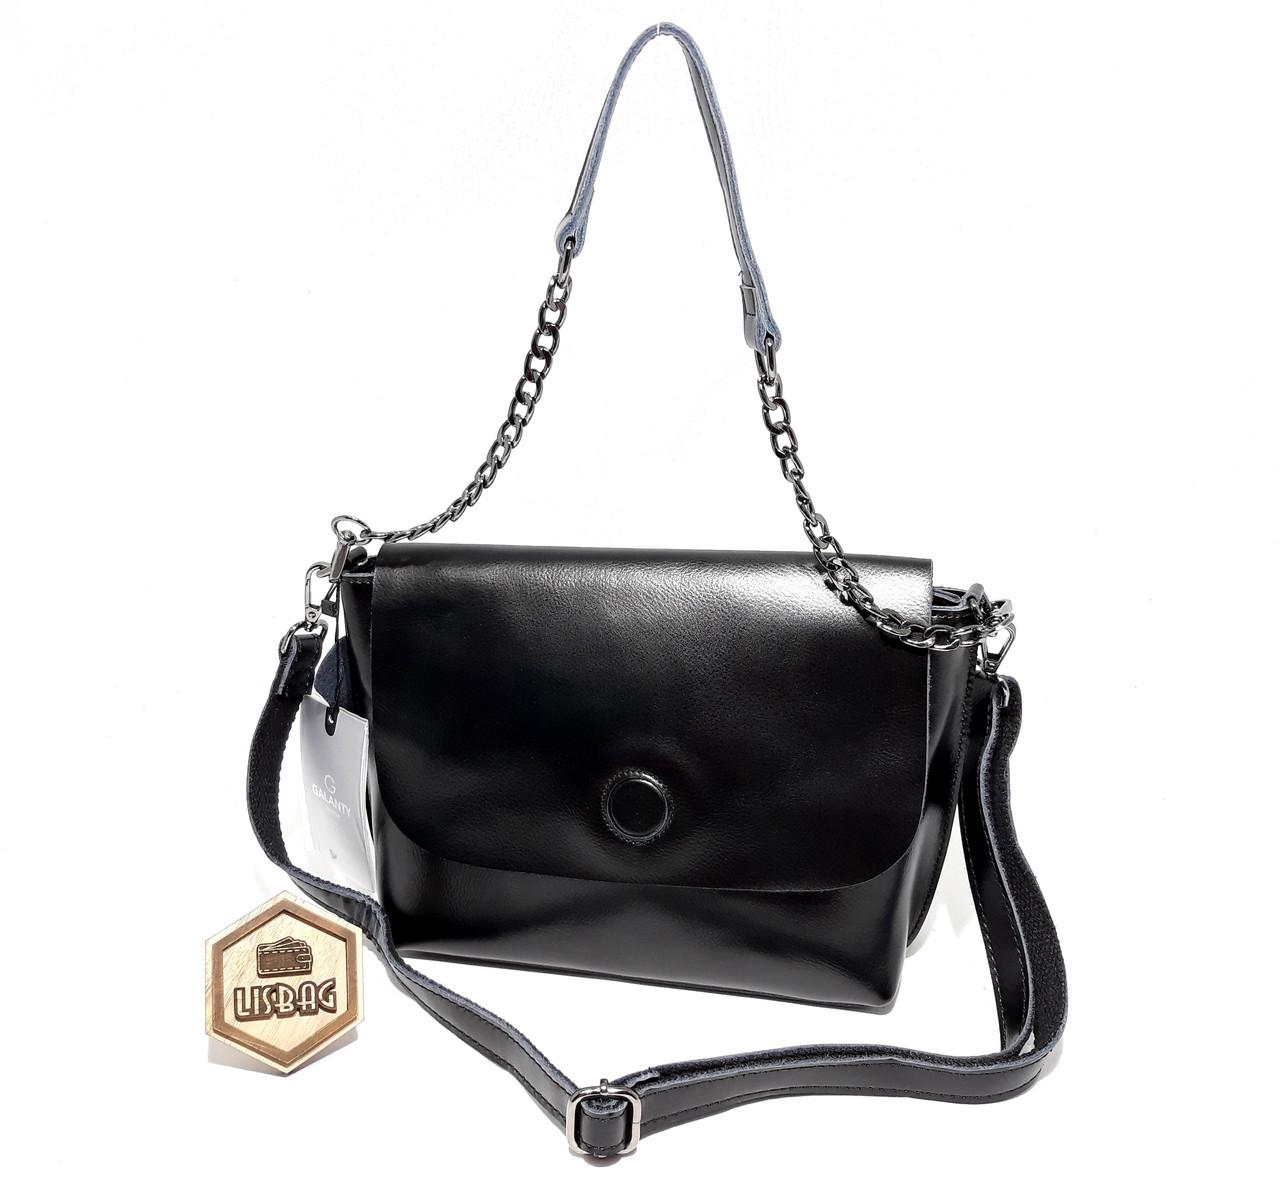 5b3d615a62ef Кожаная женская сумка среднего размера Galanty Черного цвета ...